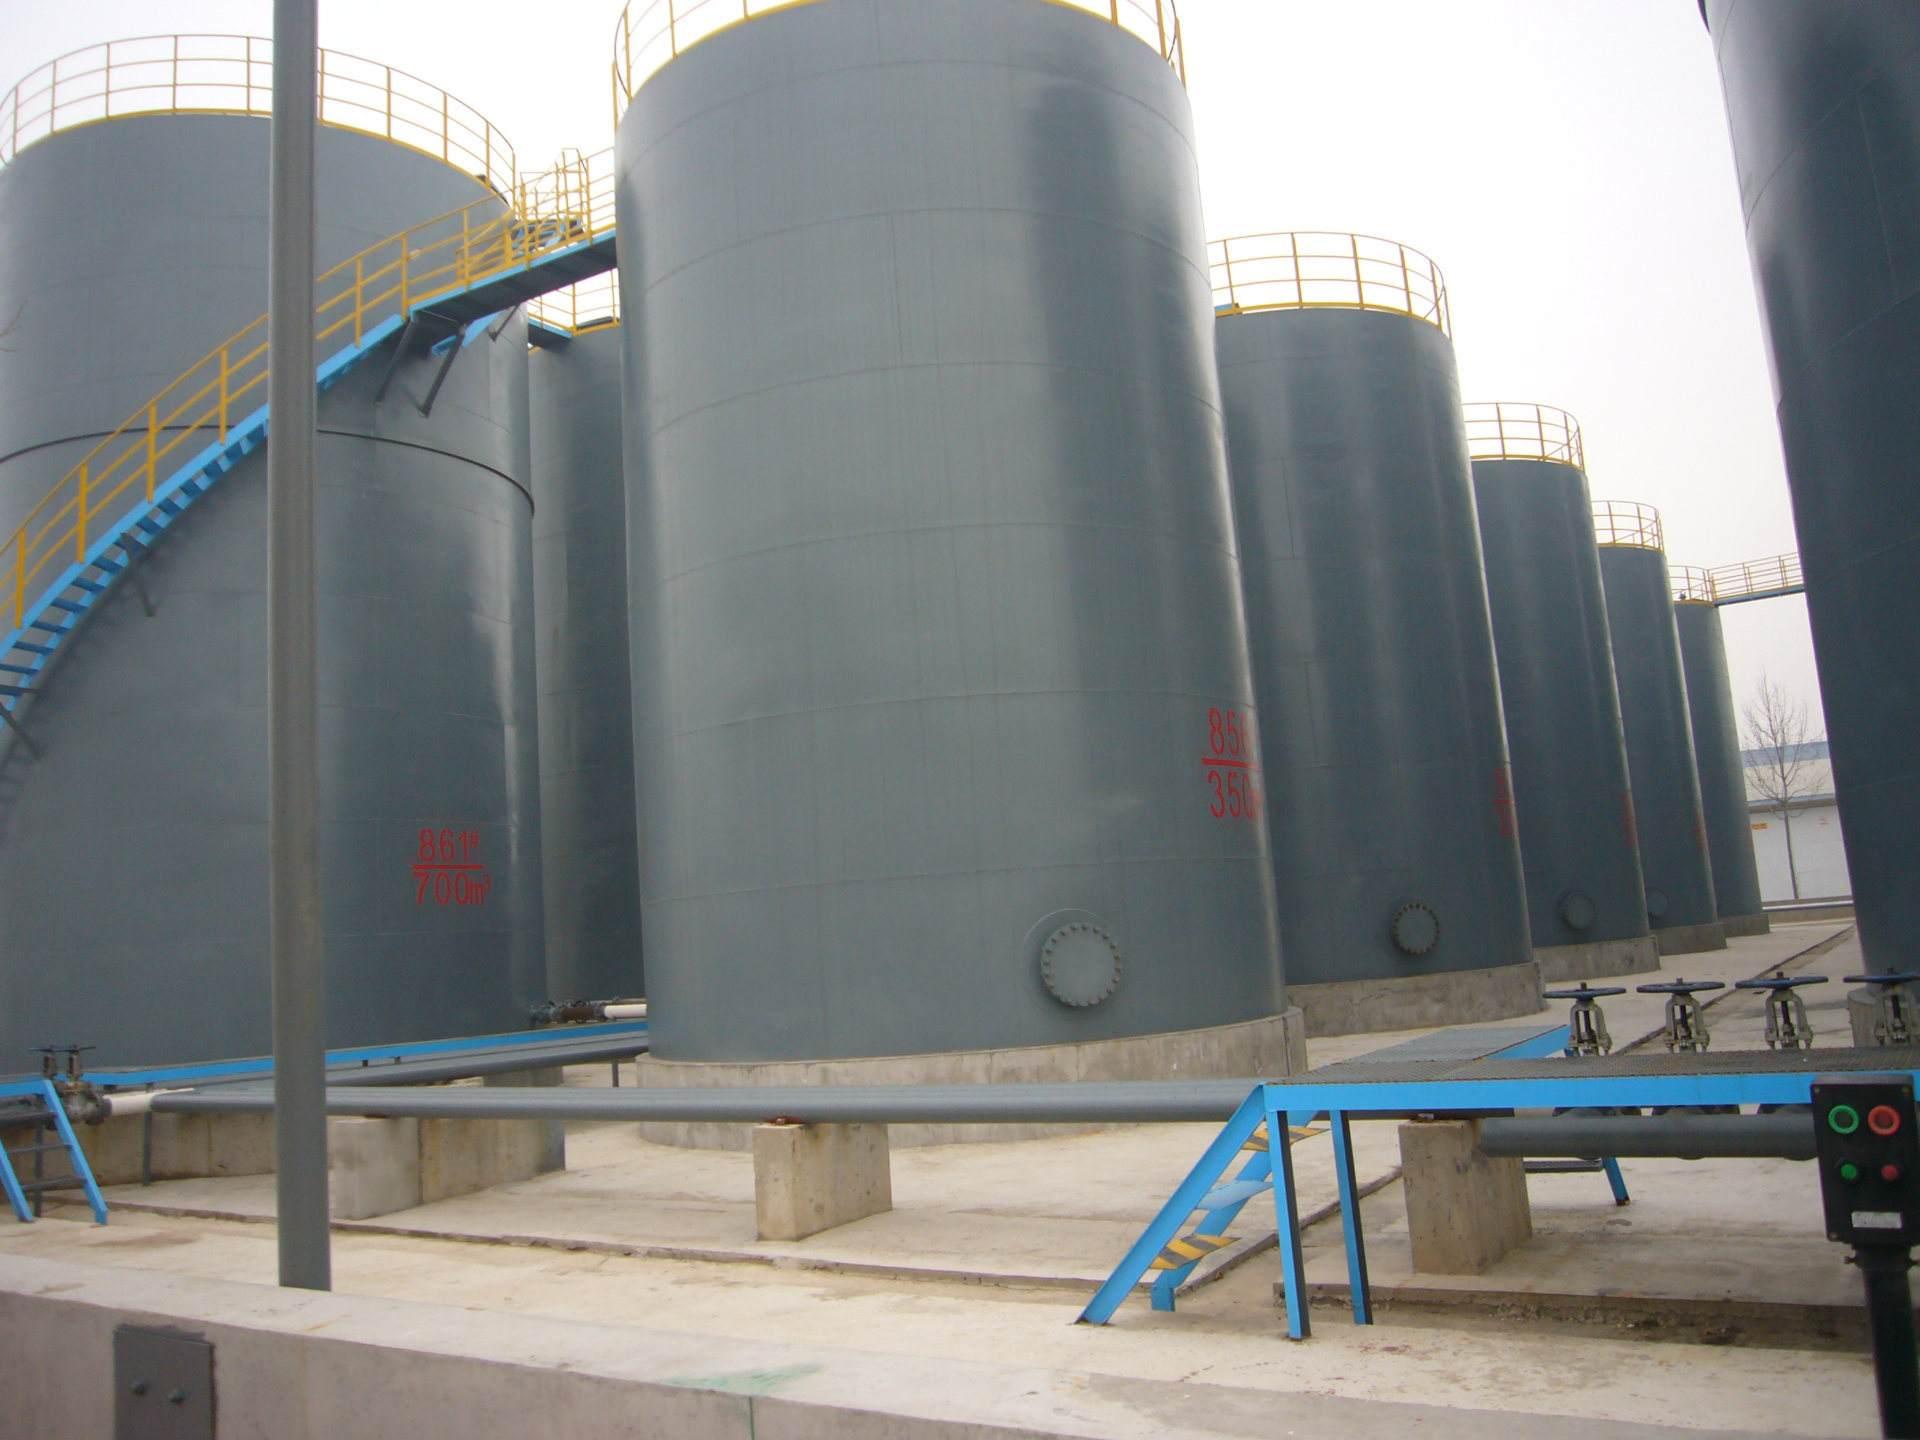 宁夏大型立式储油罐值得信赖-宁夏大型立式储油罐甩卖